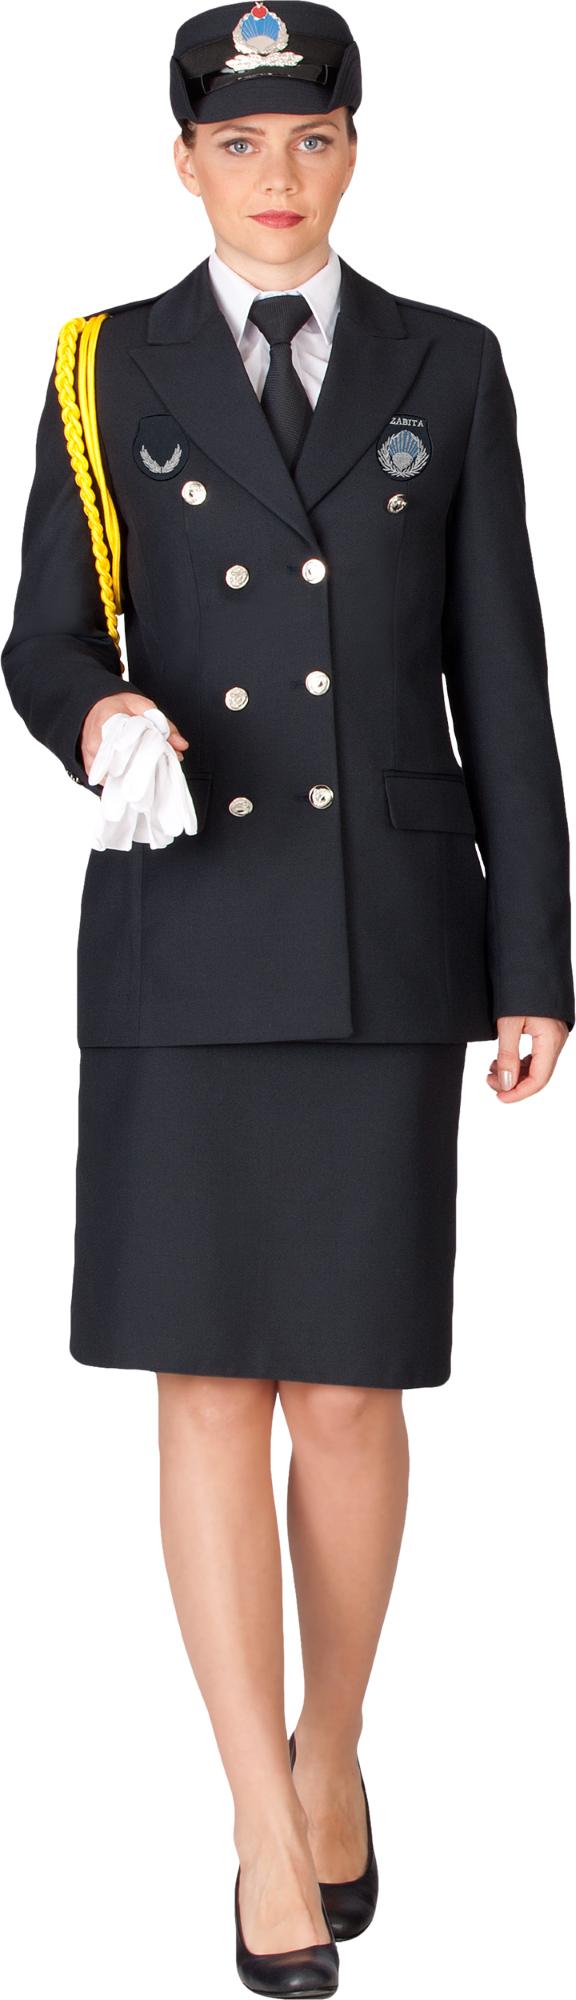 Cavdar Uniforma Guvenlik Zabita Kiyafetleri Zabita Uniformalari Zabita Elbiseleri